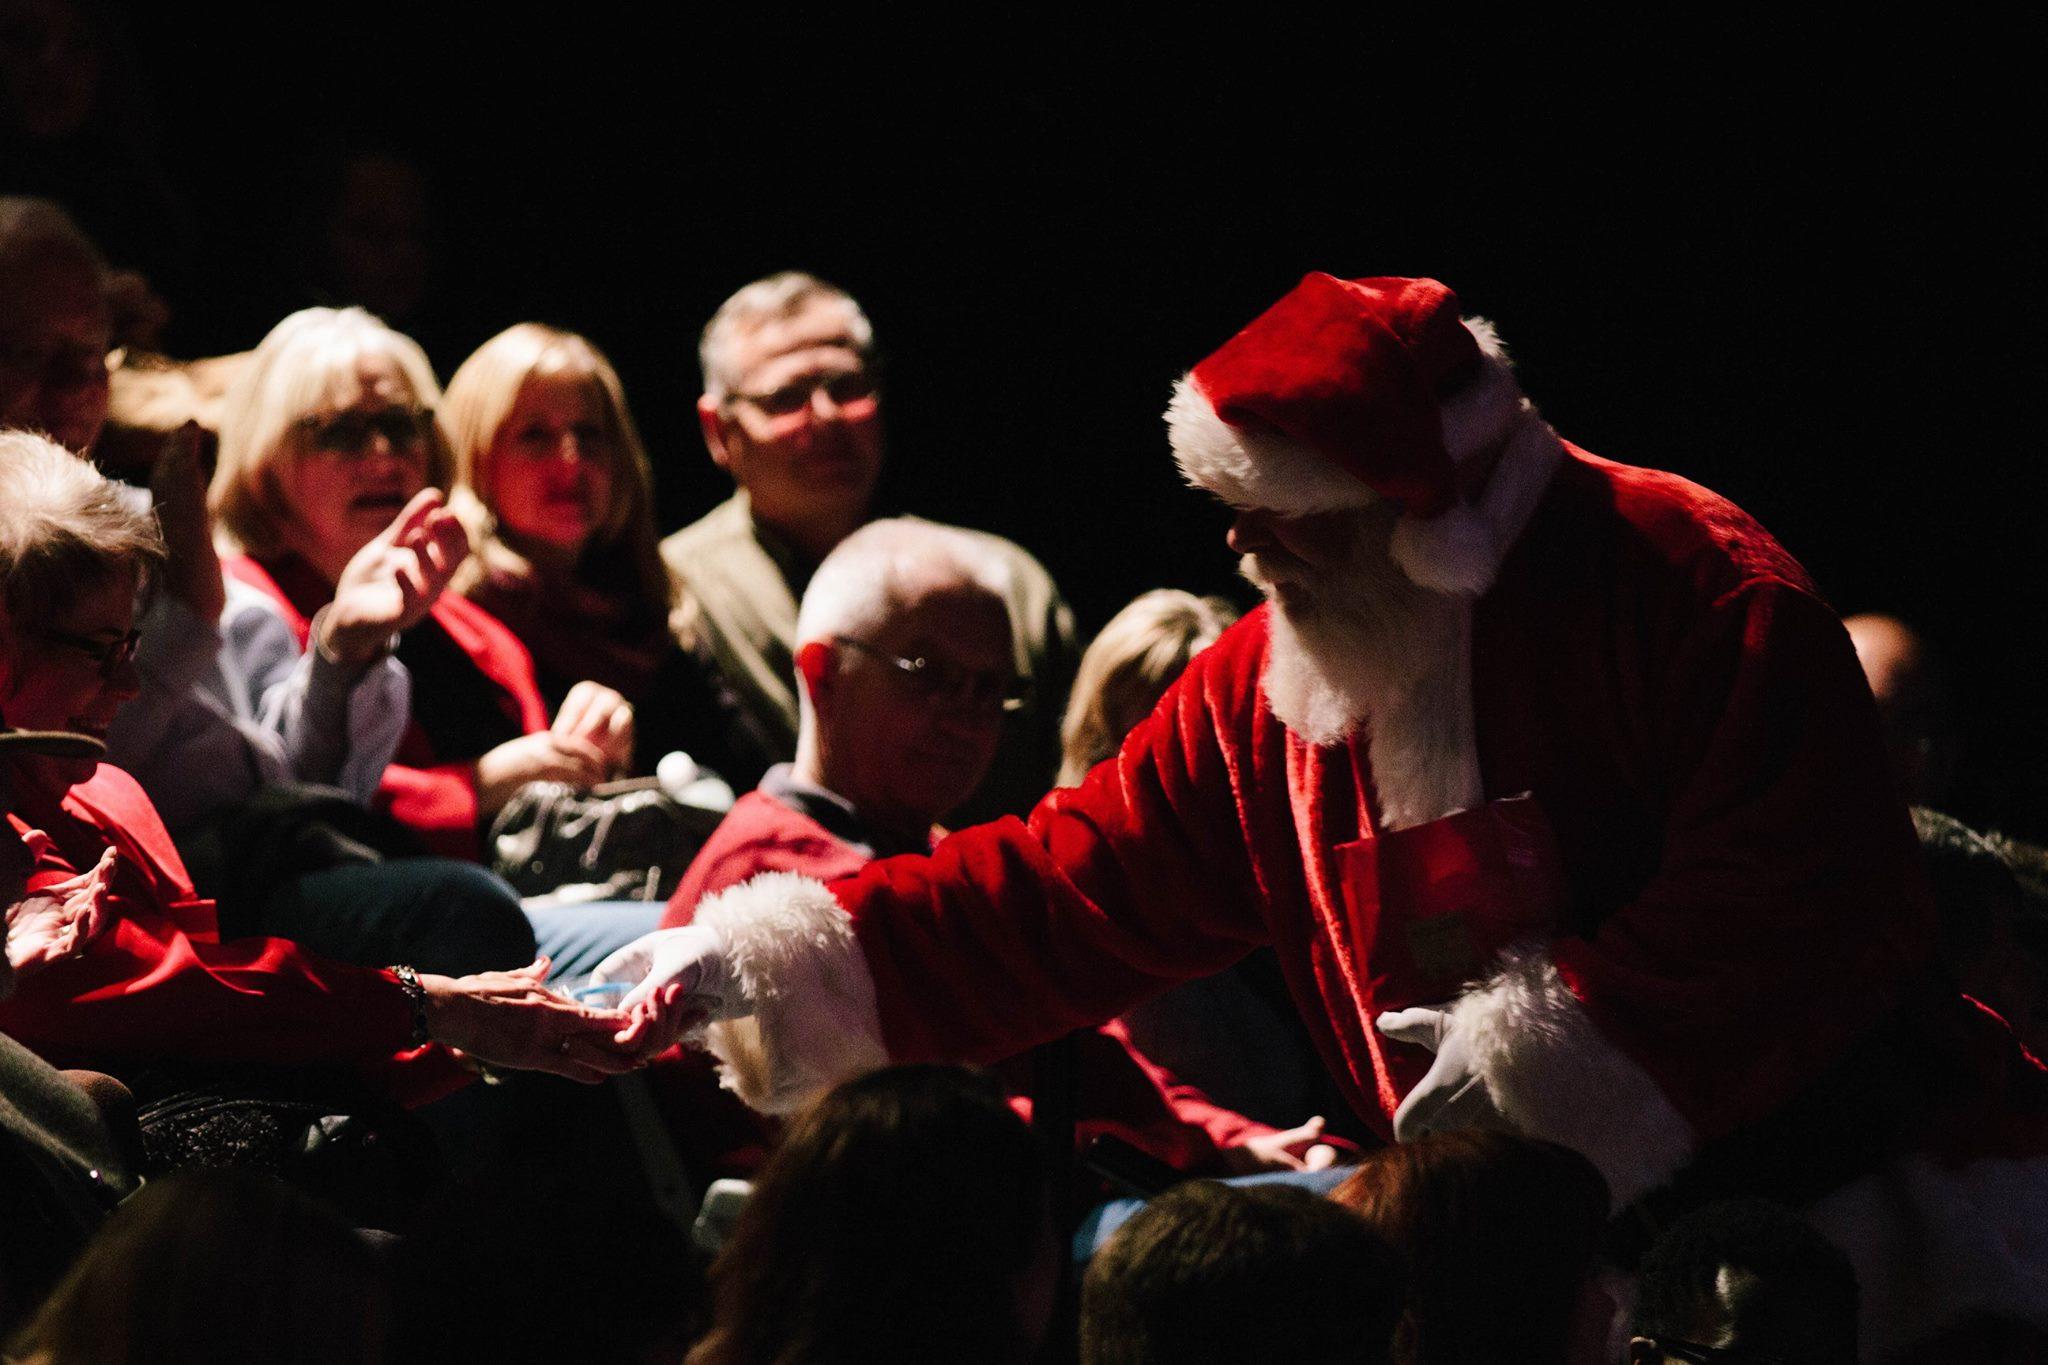 Santa-The Voice-Christmas.jpg